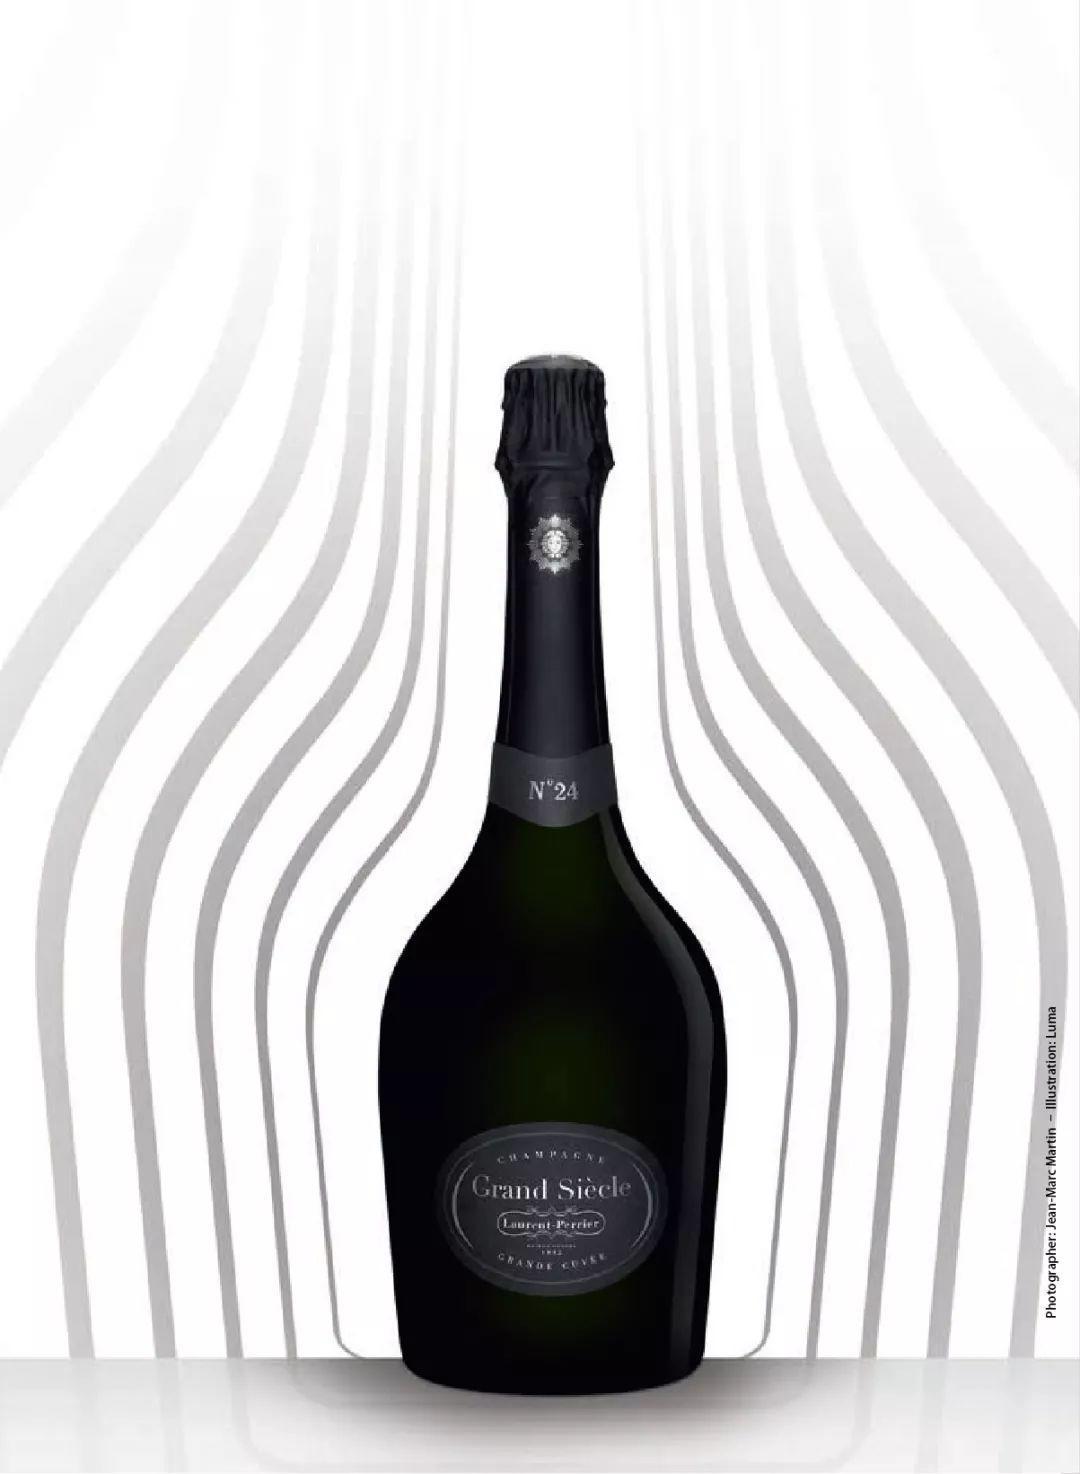 名庄访谈|罗兰百悦香槟Laurent Perrier庄主Alexandra专访:从香氛设计师到香槟庄主